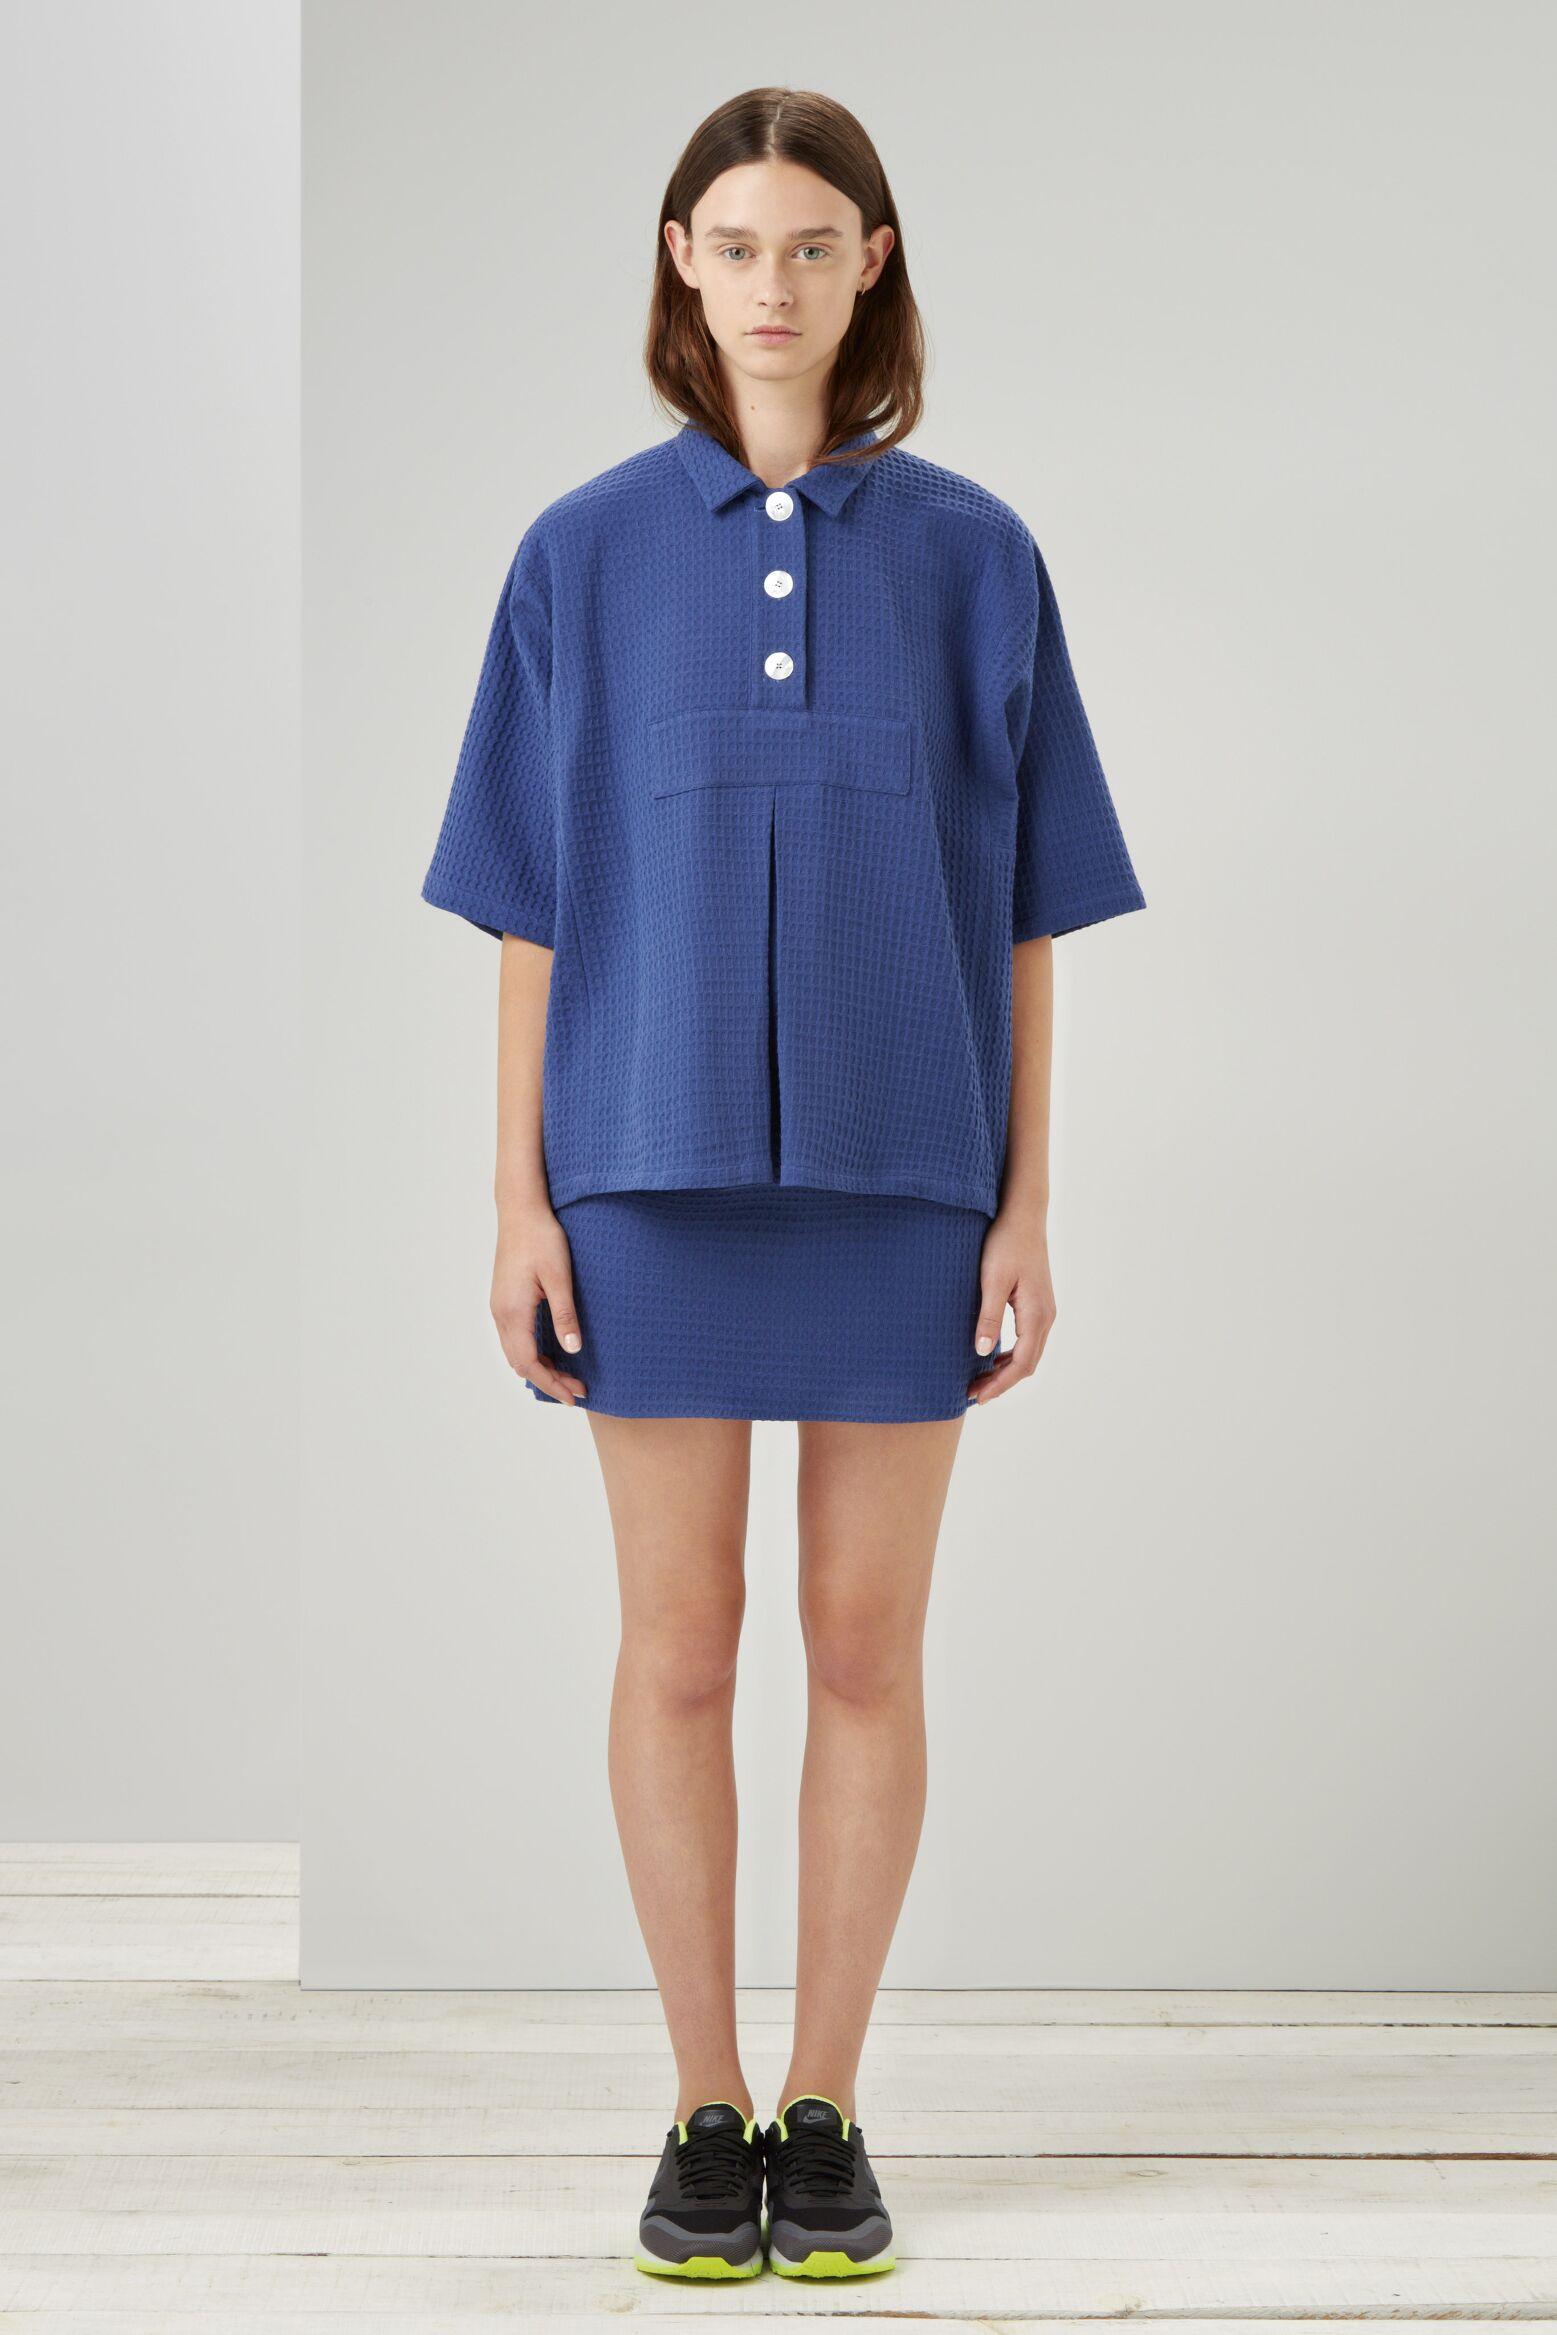 Arthur Arbesser SS 2015 Womenswear